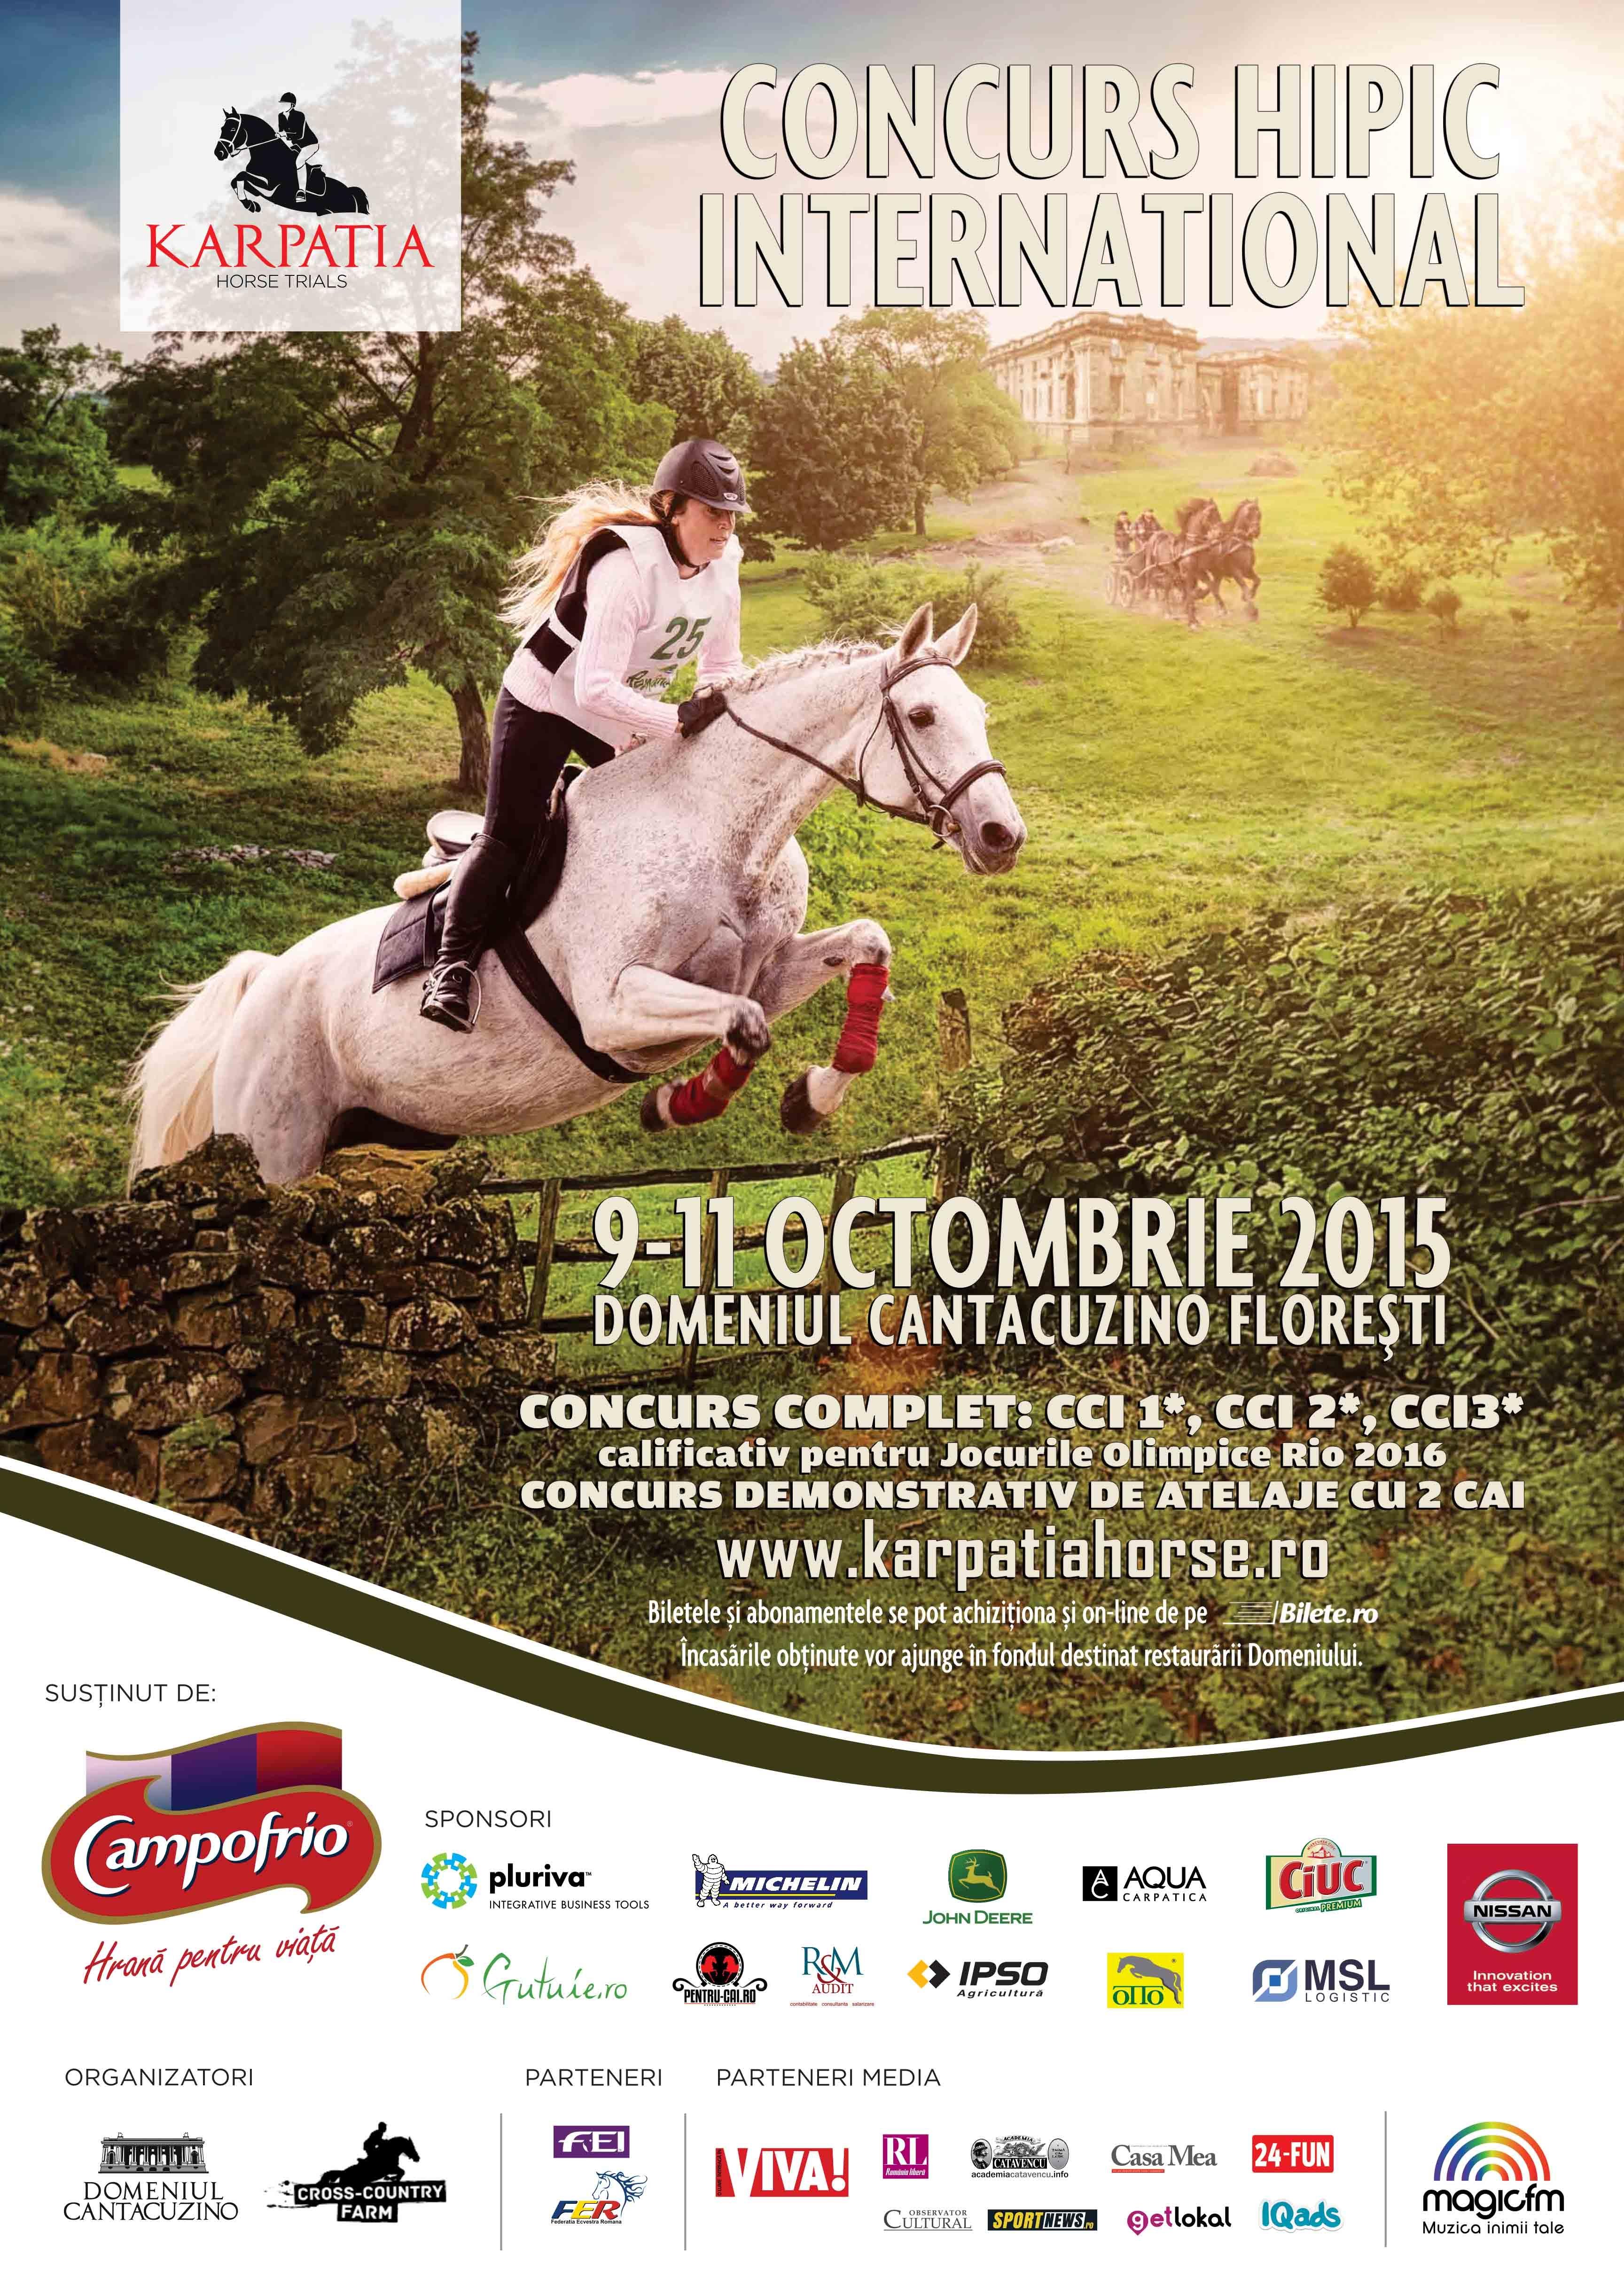 Karpatia Horse Trials 2015: reîntoarcerea pe Domeniul Cantacuzino Floreşti